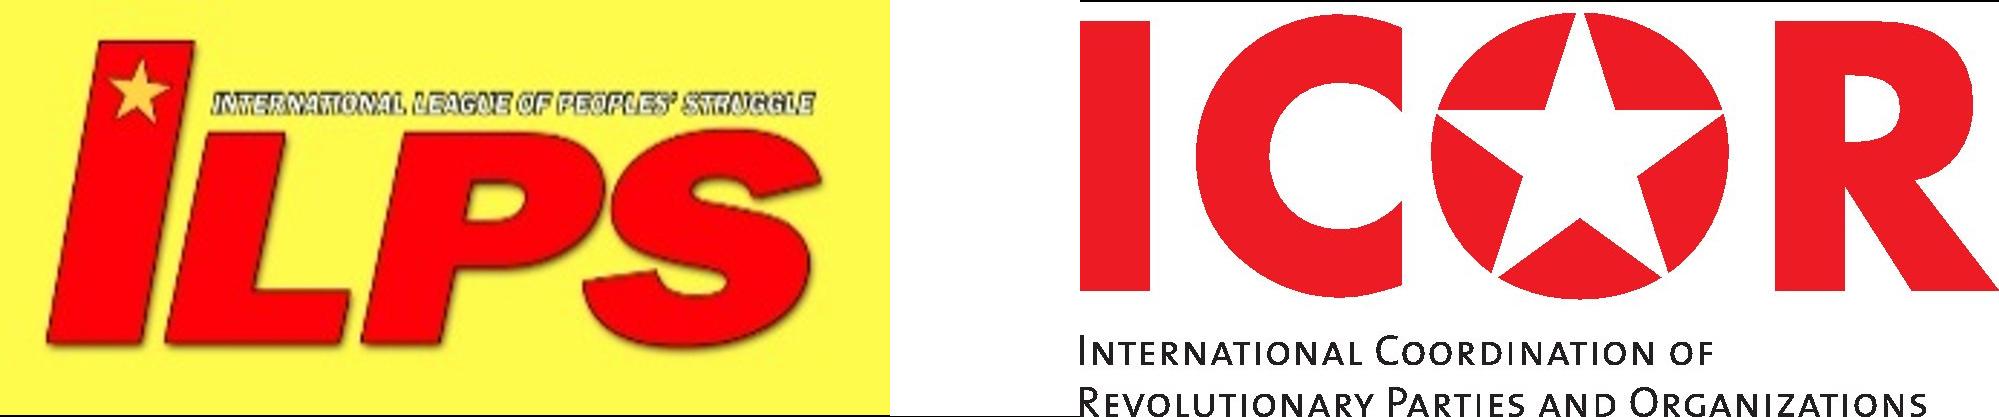 Призыв к строительству интернационального антиимпериалистического и антифашистского единого фронта